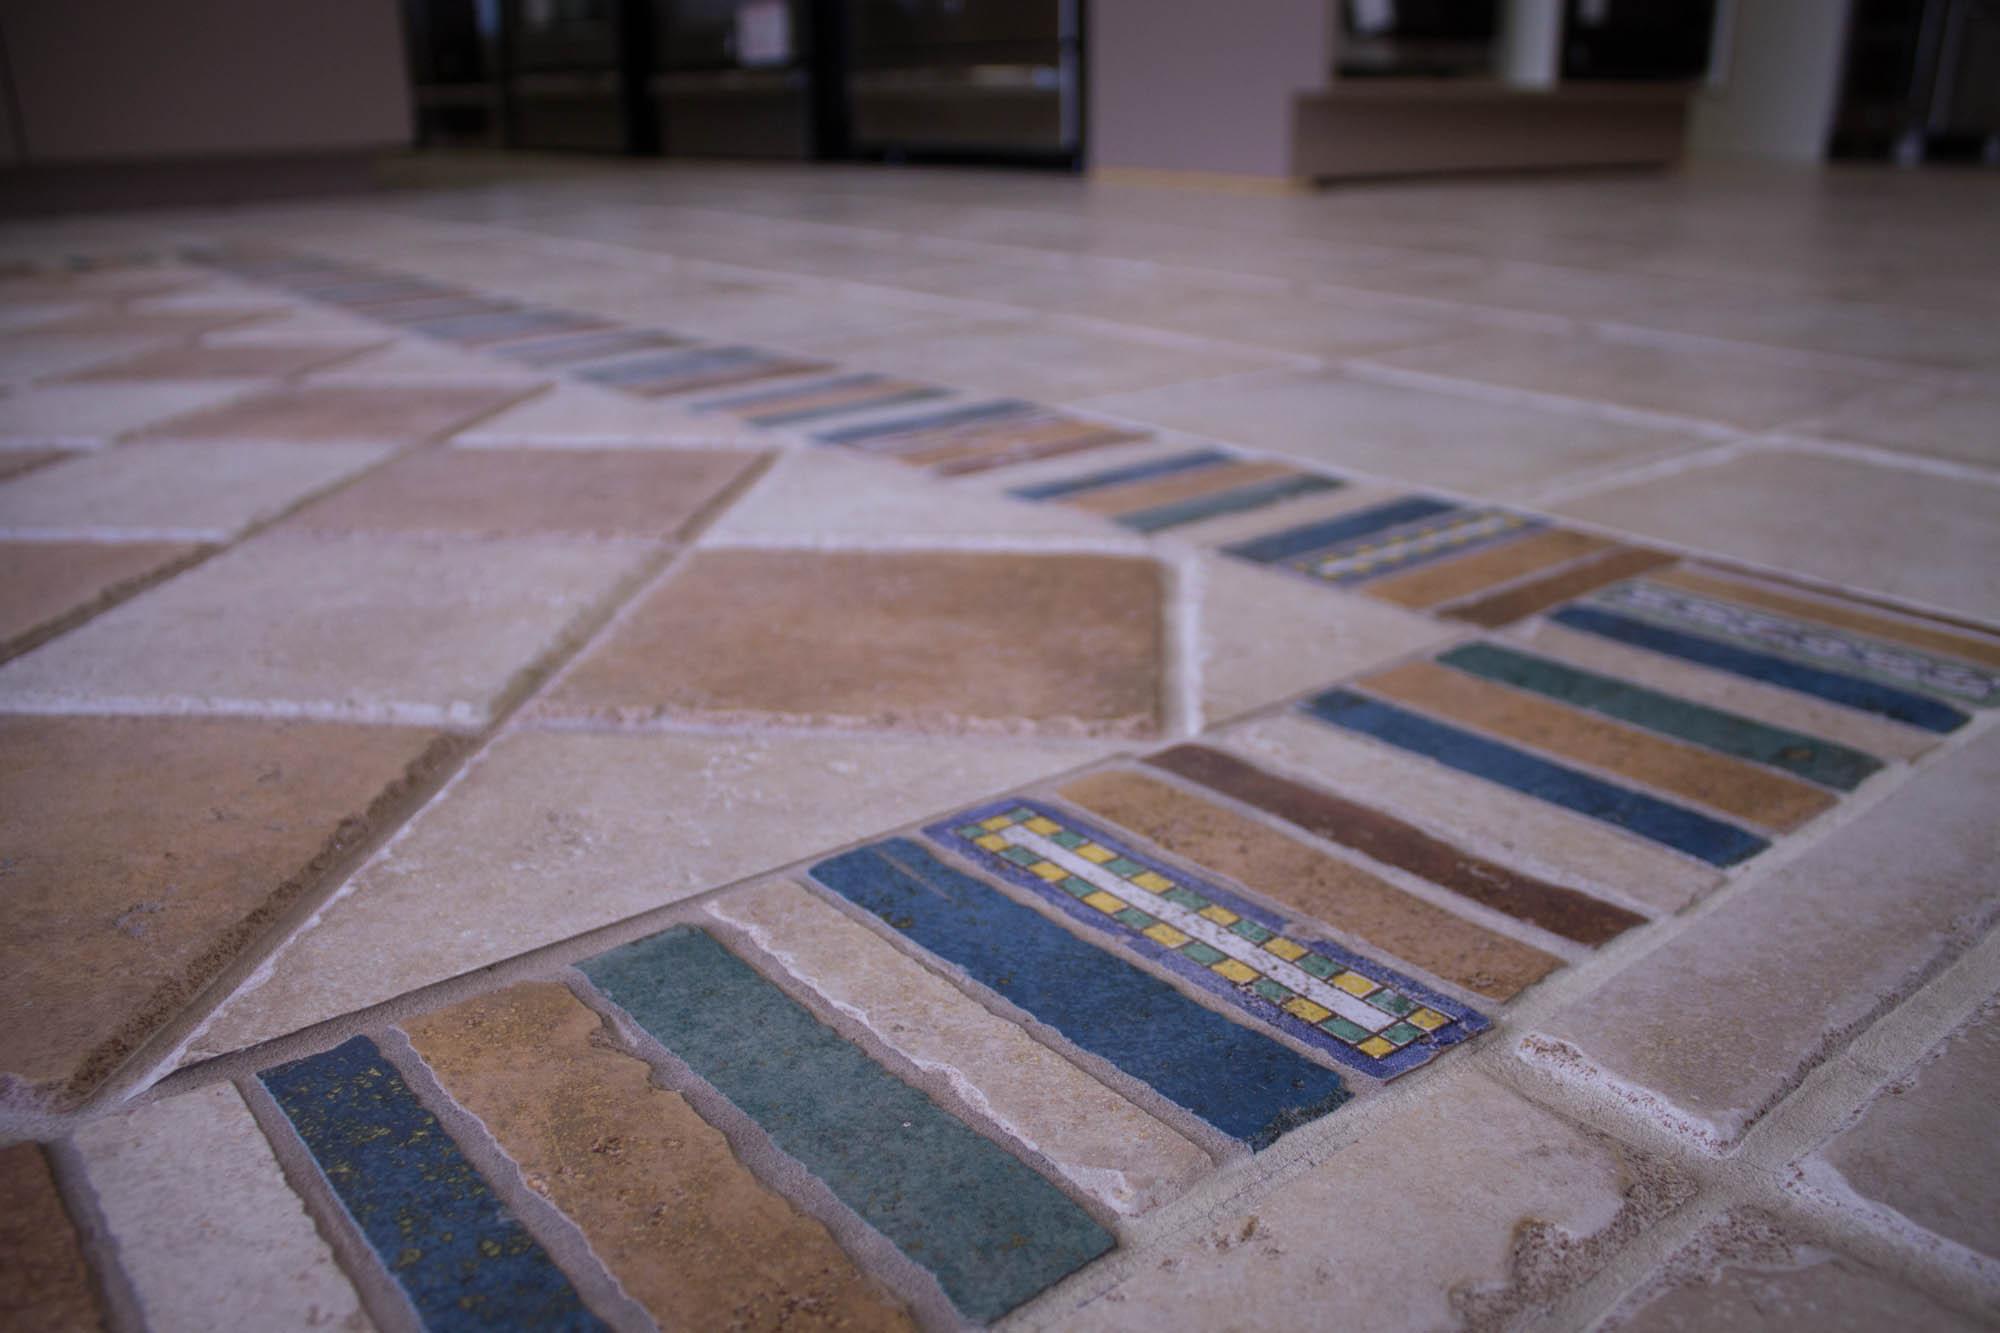 Portfolio commercial flooring professionals ceramic tile dailygadgetfo Choice Image